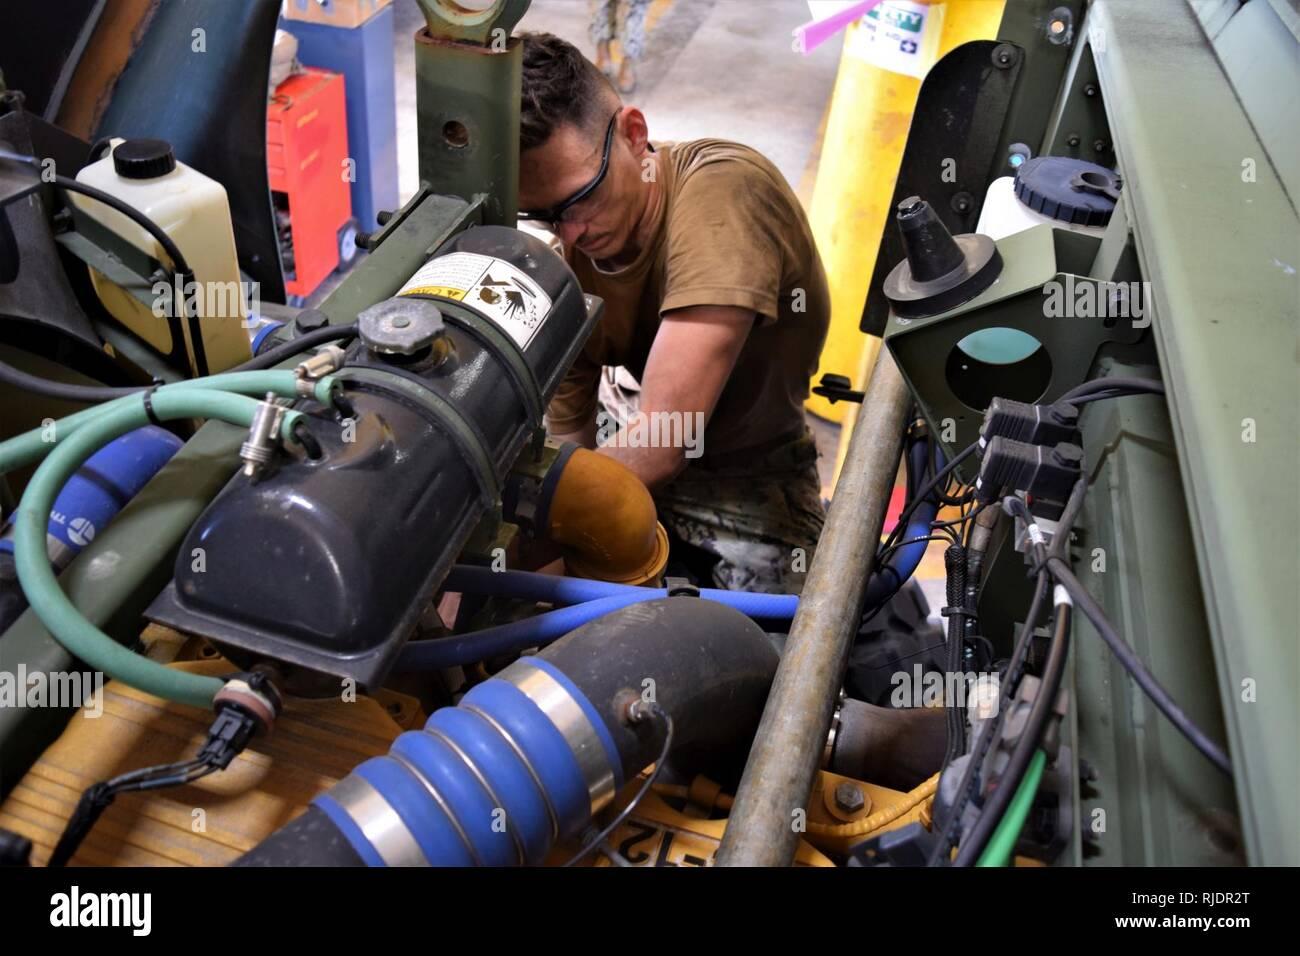 Sargent Major Stock Photos & Sargent Major Stock Images - Alamy